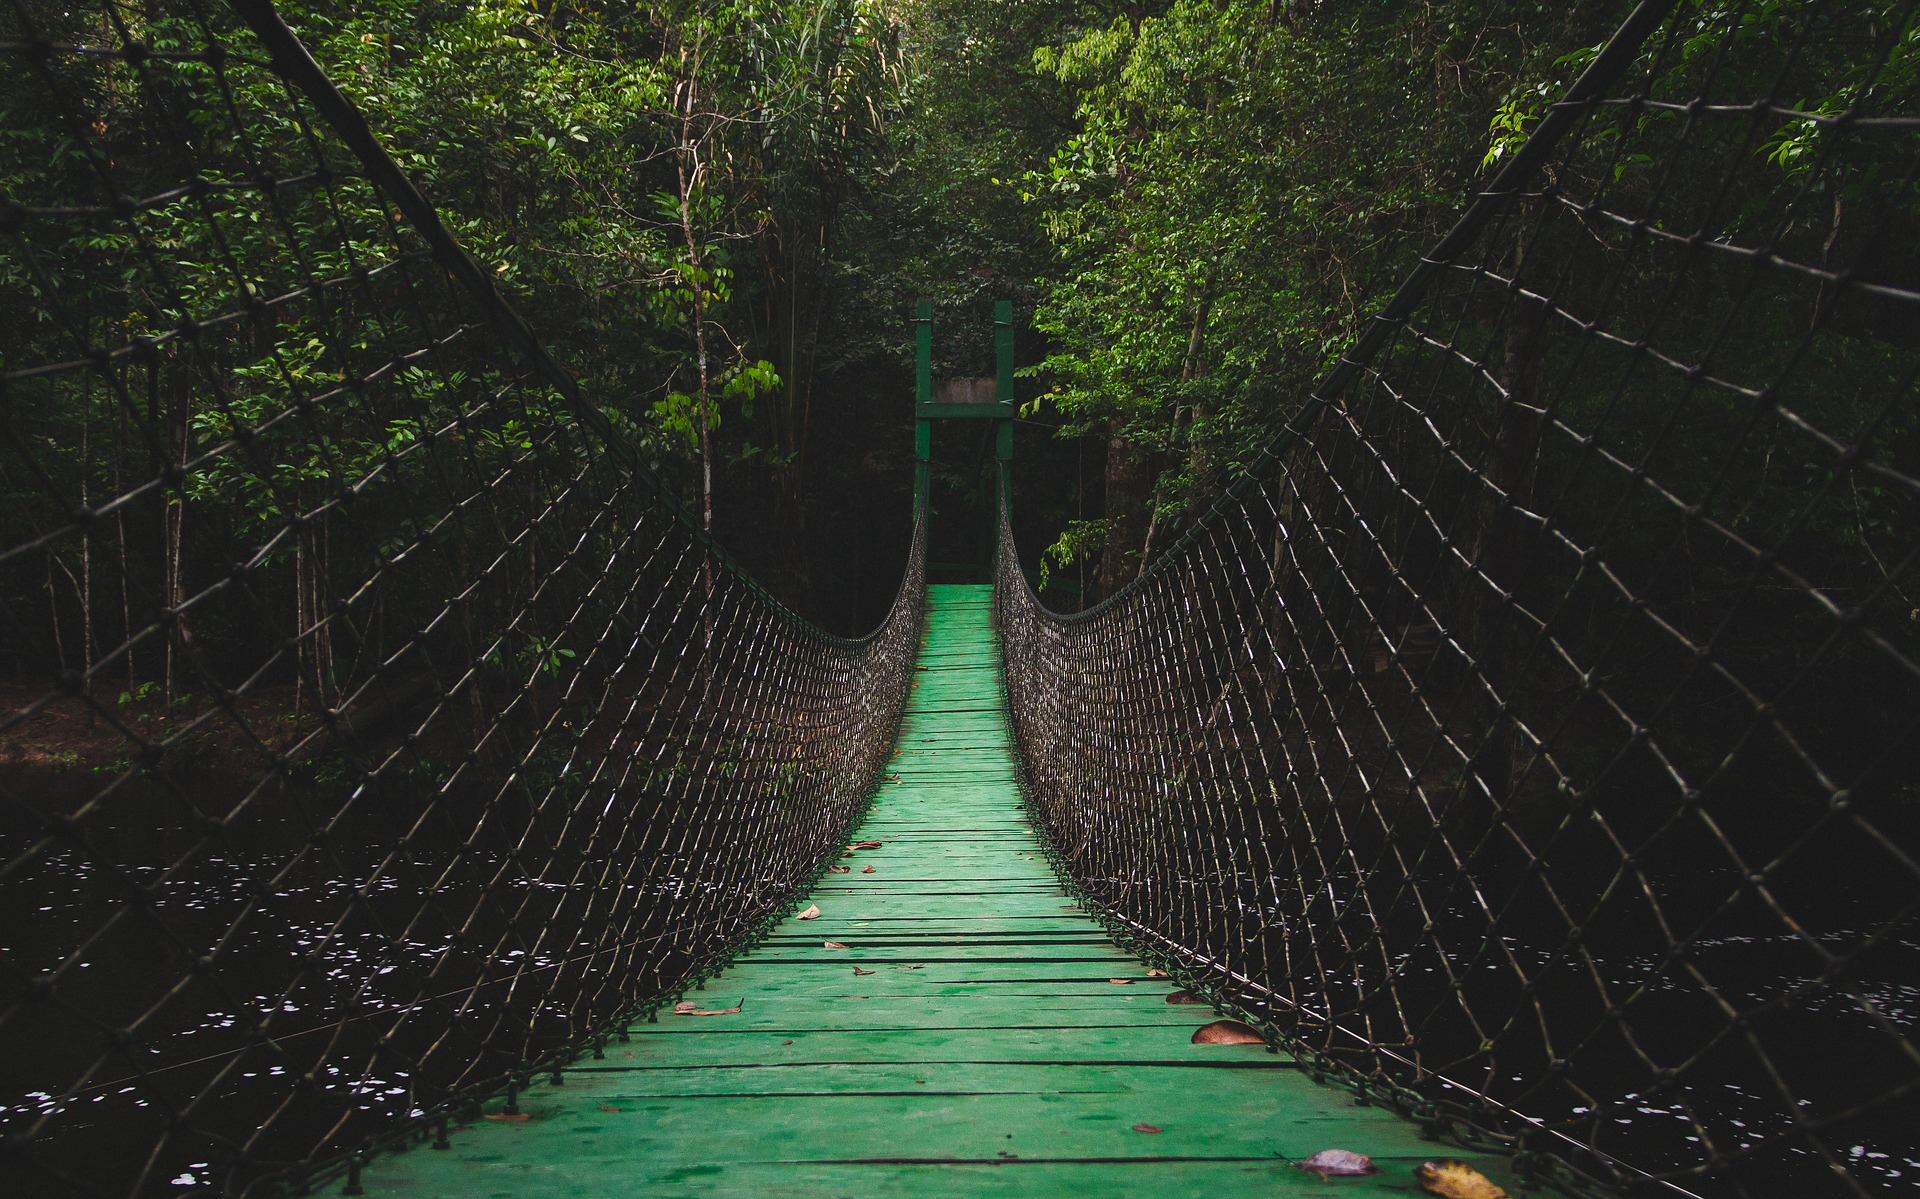 bridge-2203661_1920.jpg